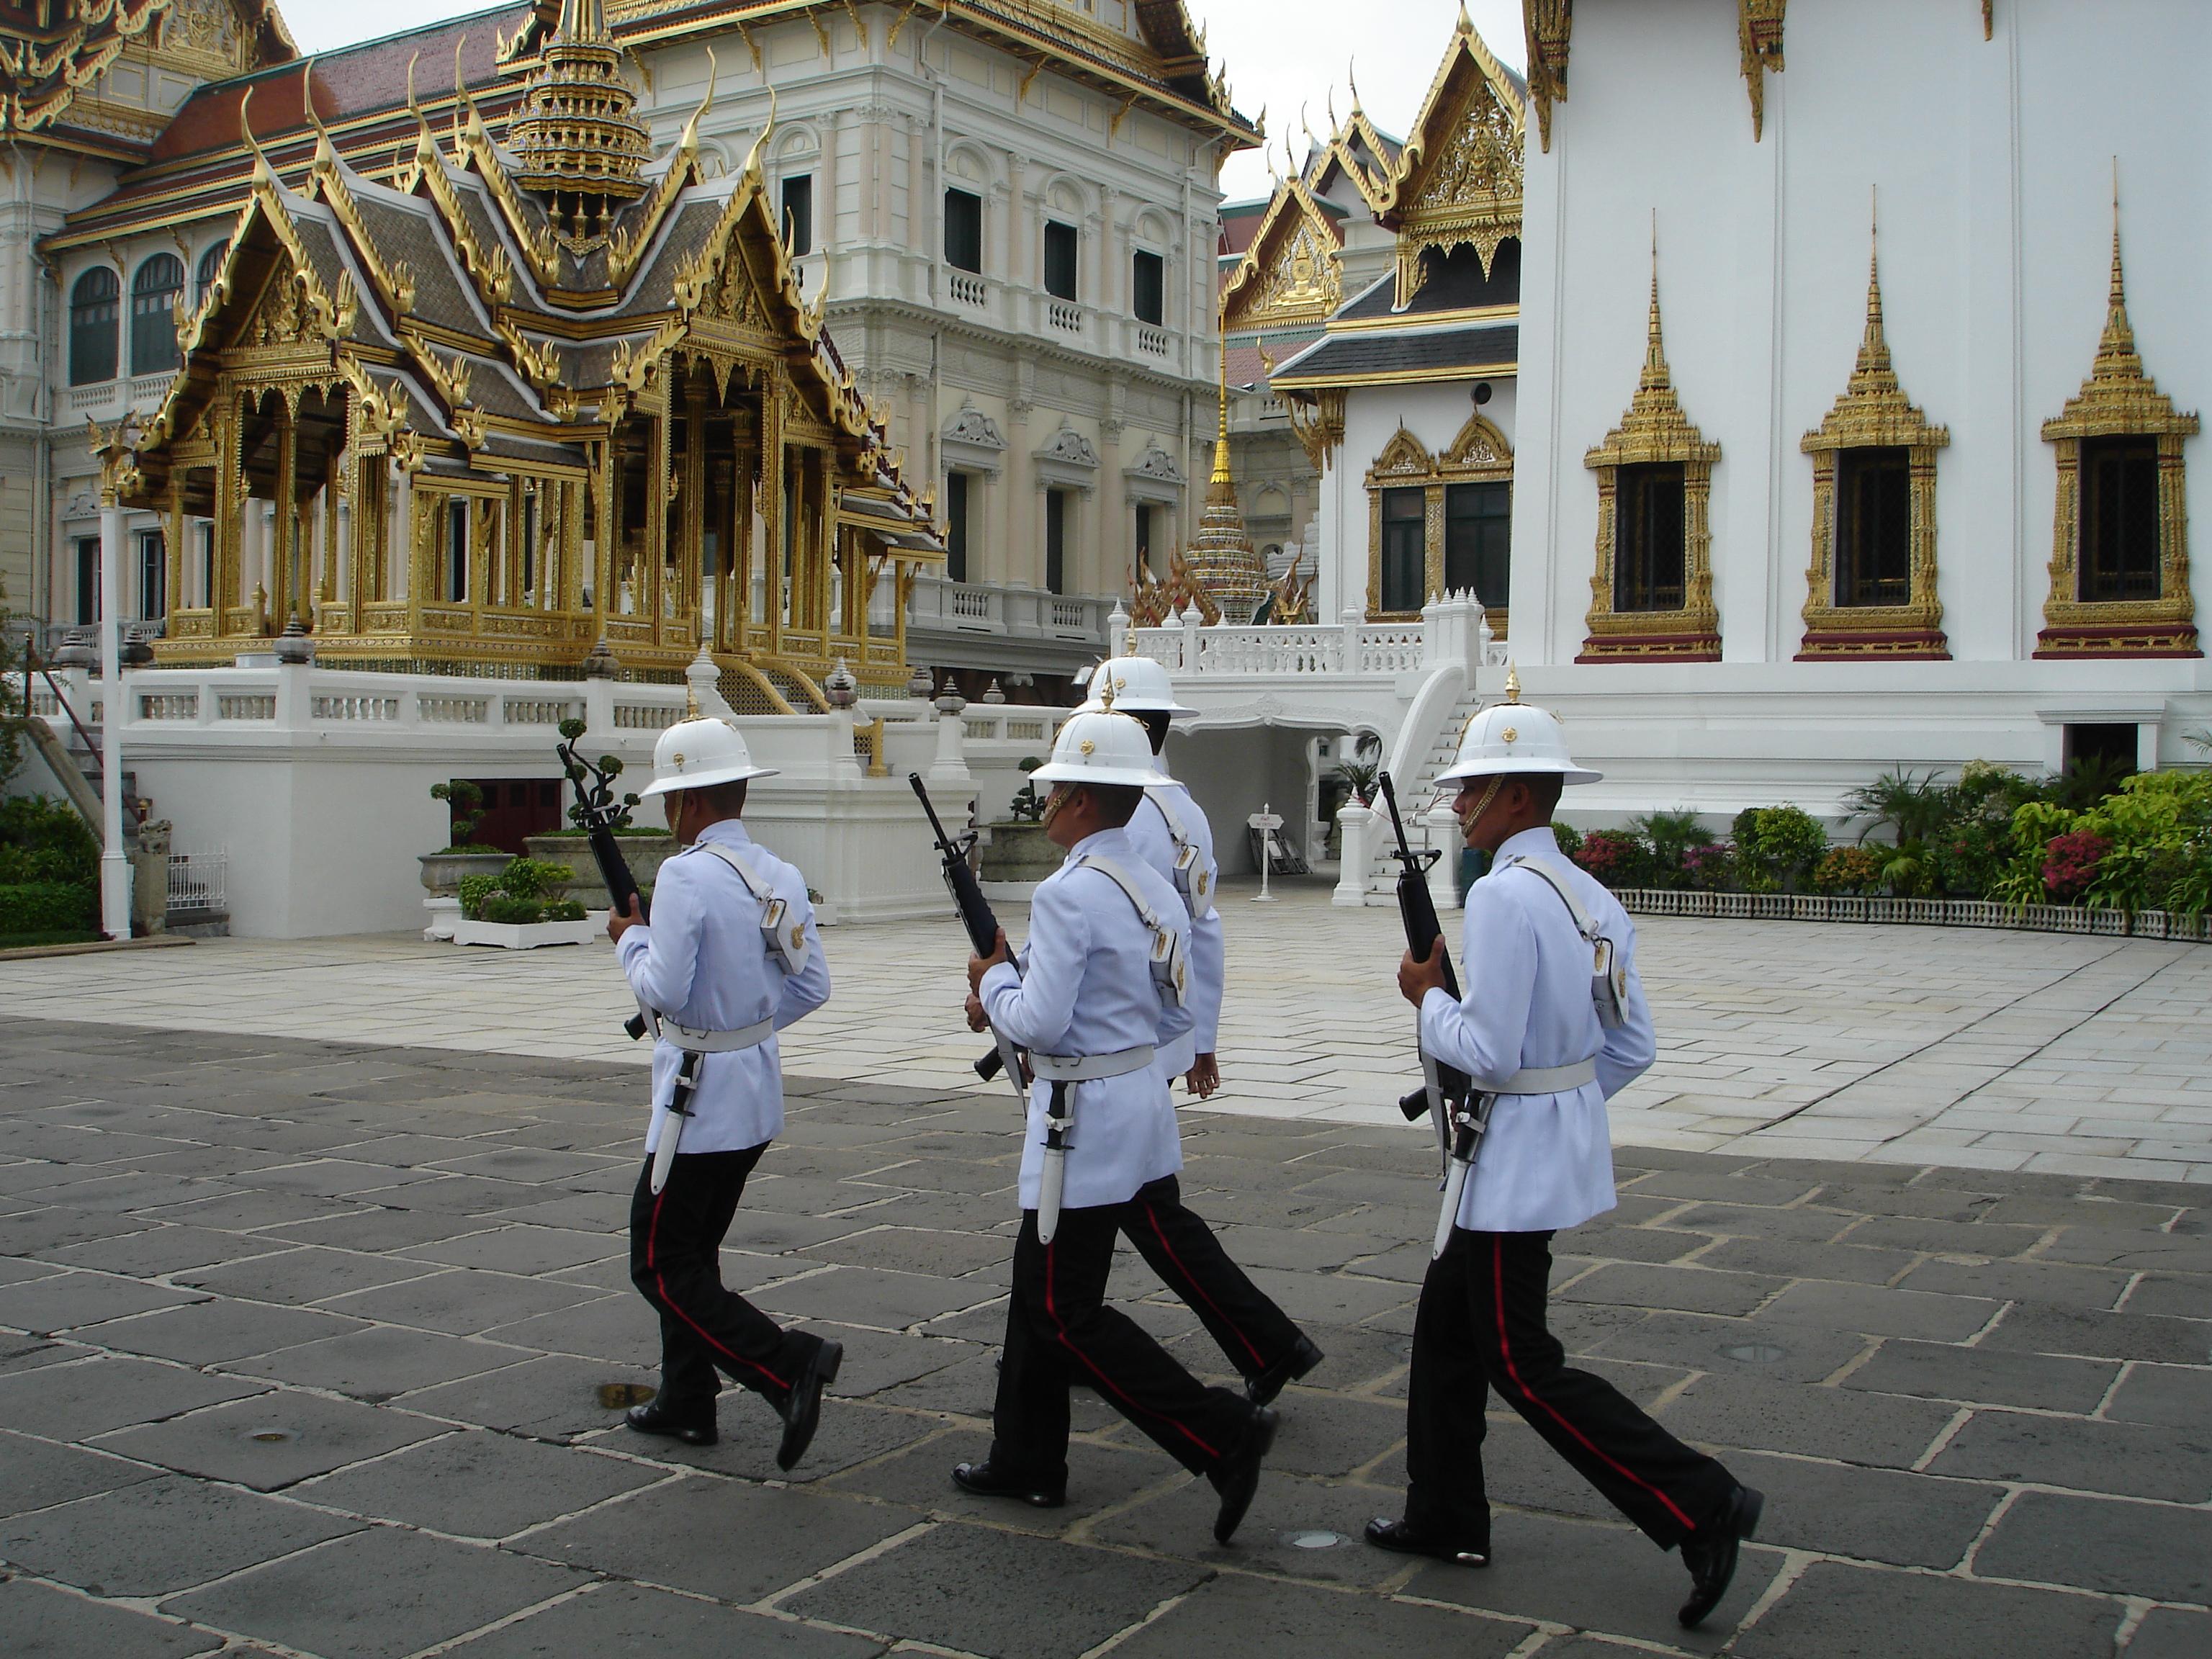 Royal Guard at the Grand Palace in Bangkok. Photo taken by Mark Jochim on May 17, 2006.